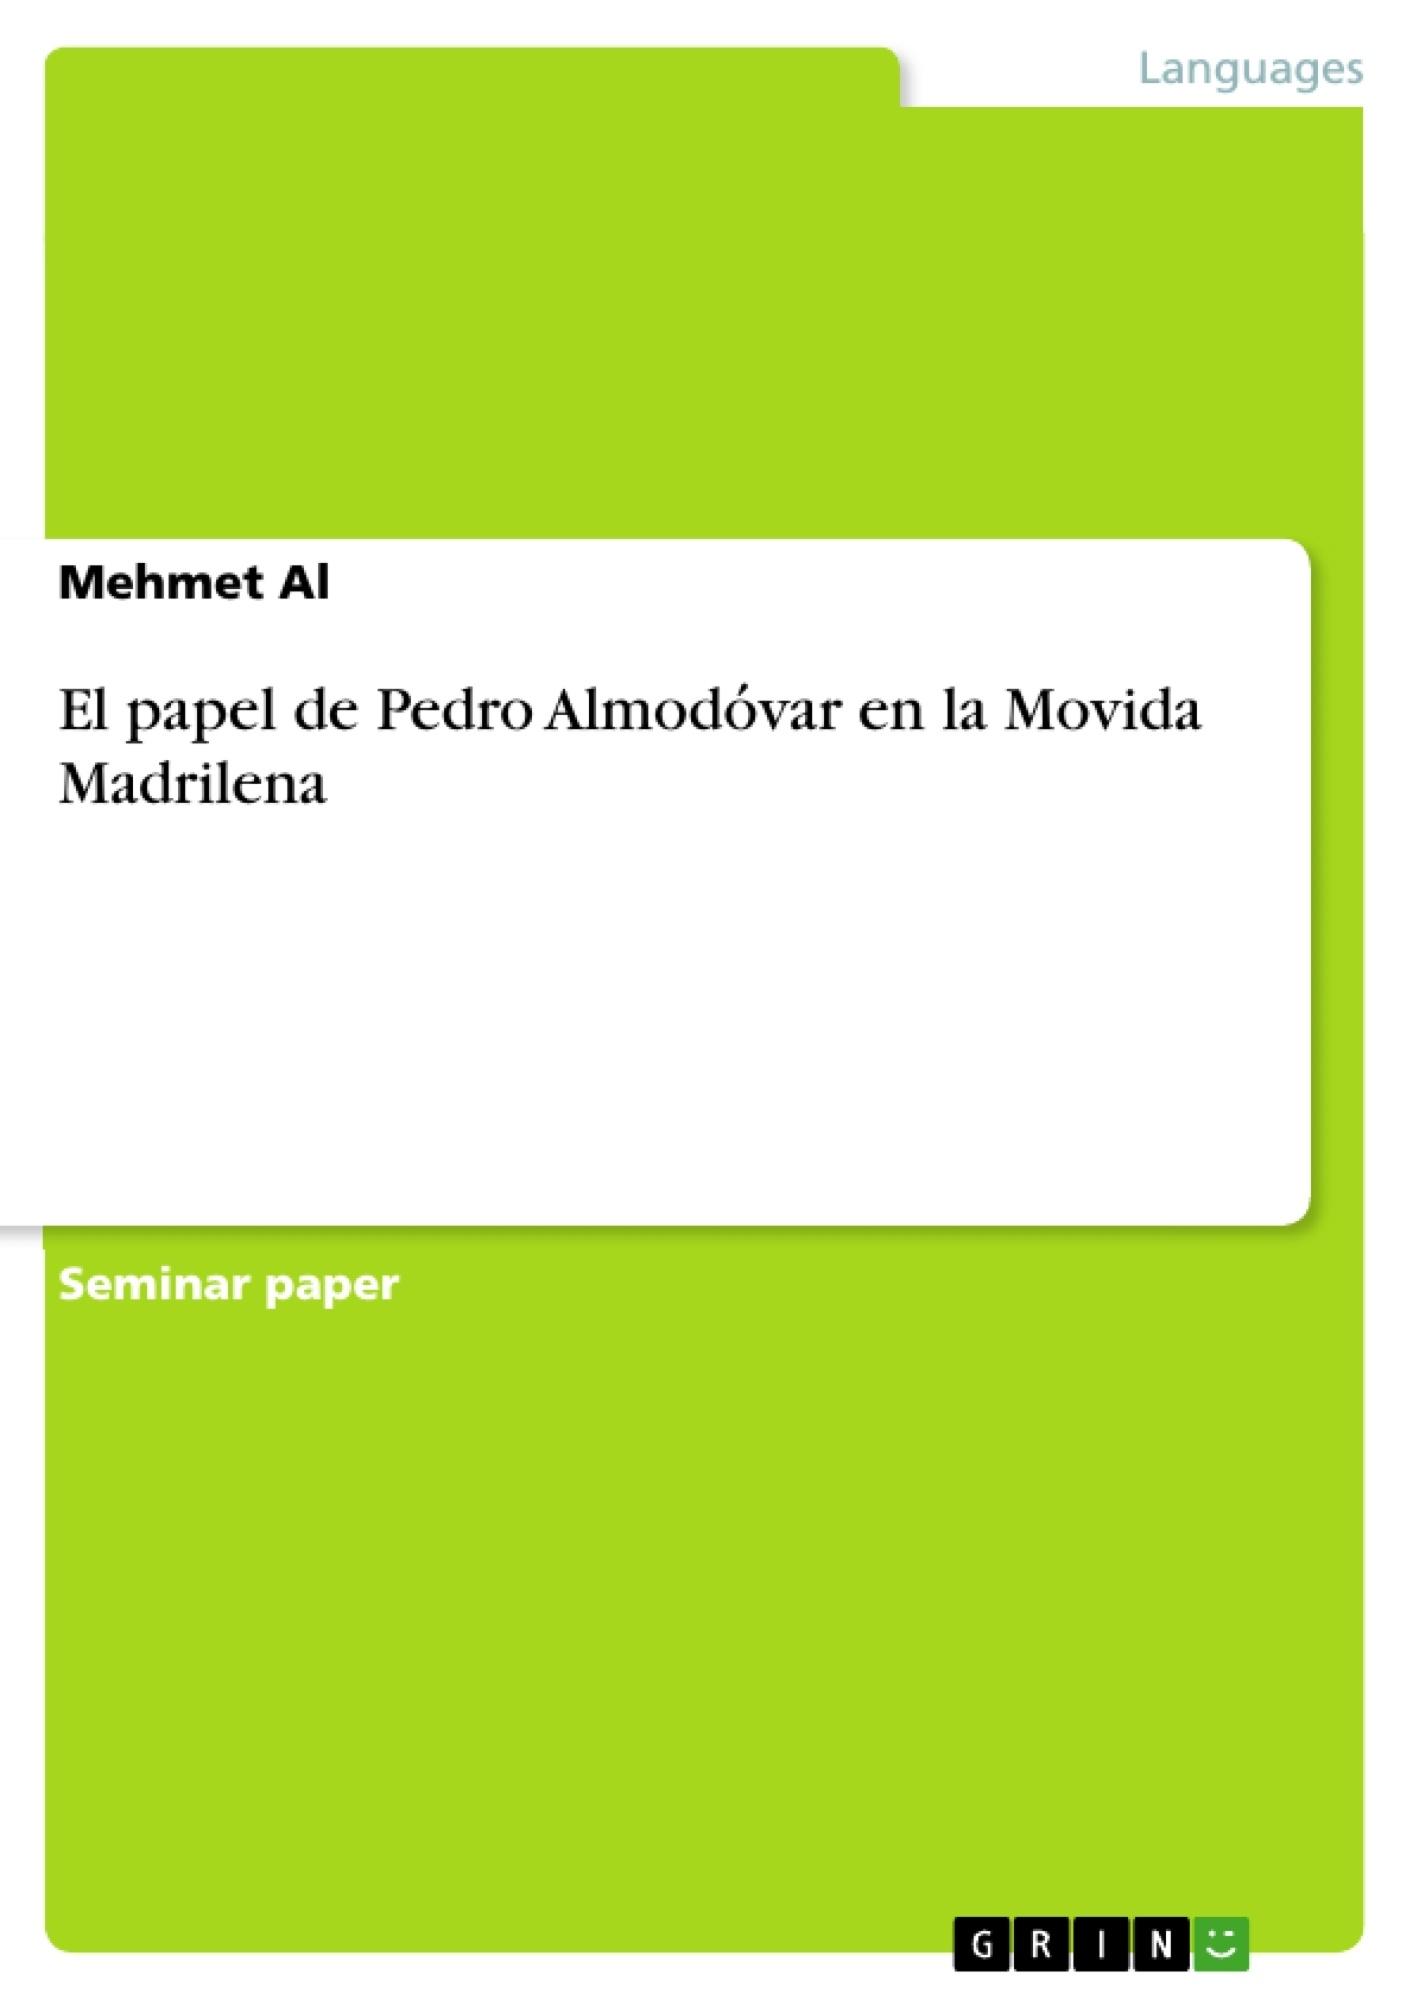 Título: El papel de Pedro Almodóvar en la Movida Madrilena